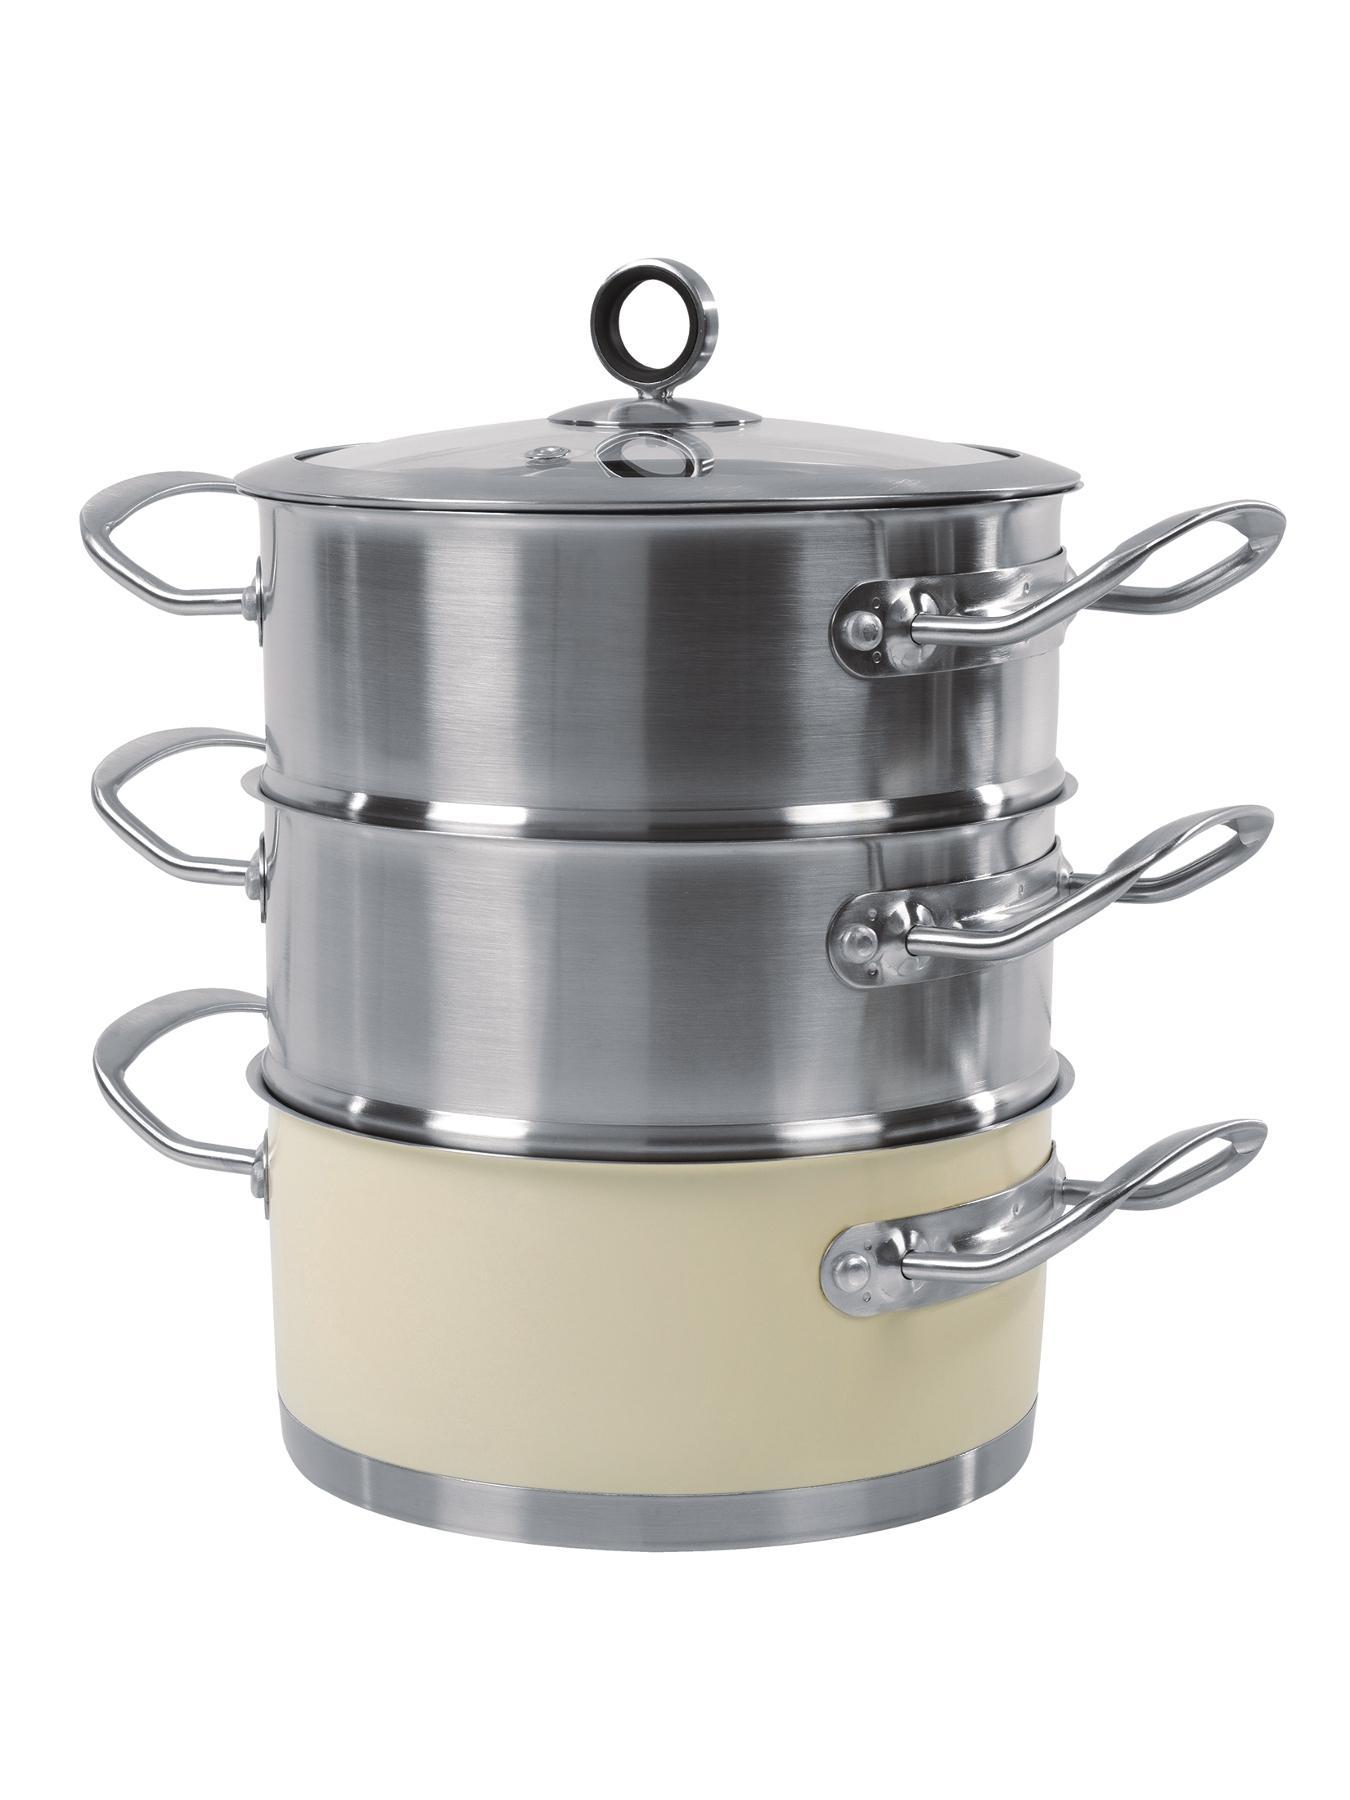 18cm 3-Tier Steamer - Cream